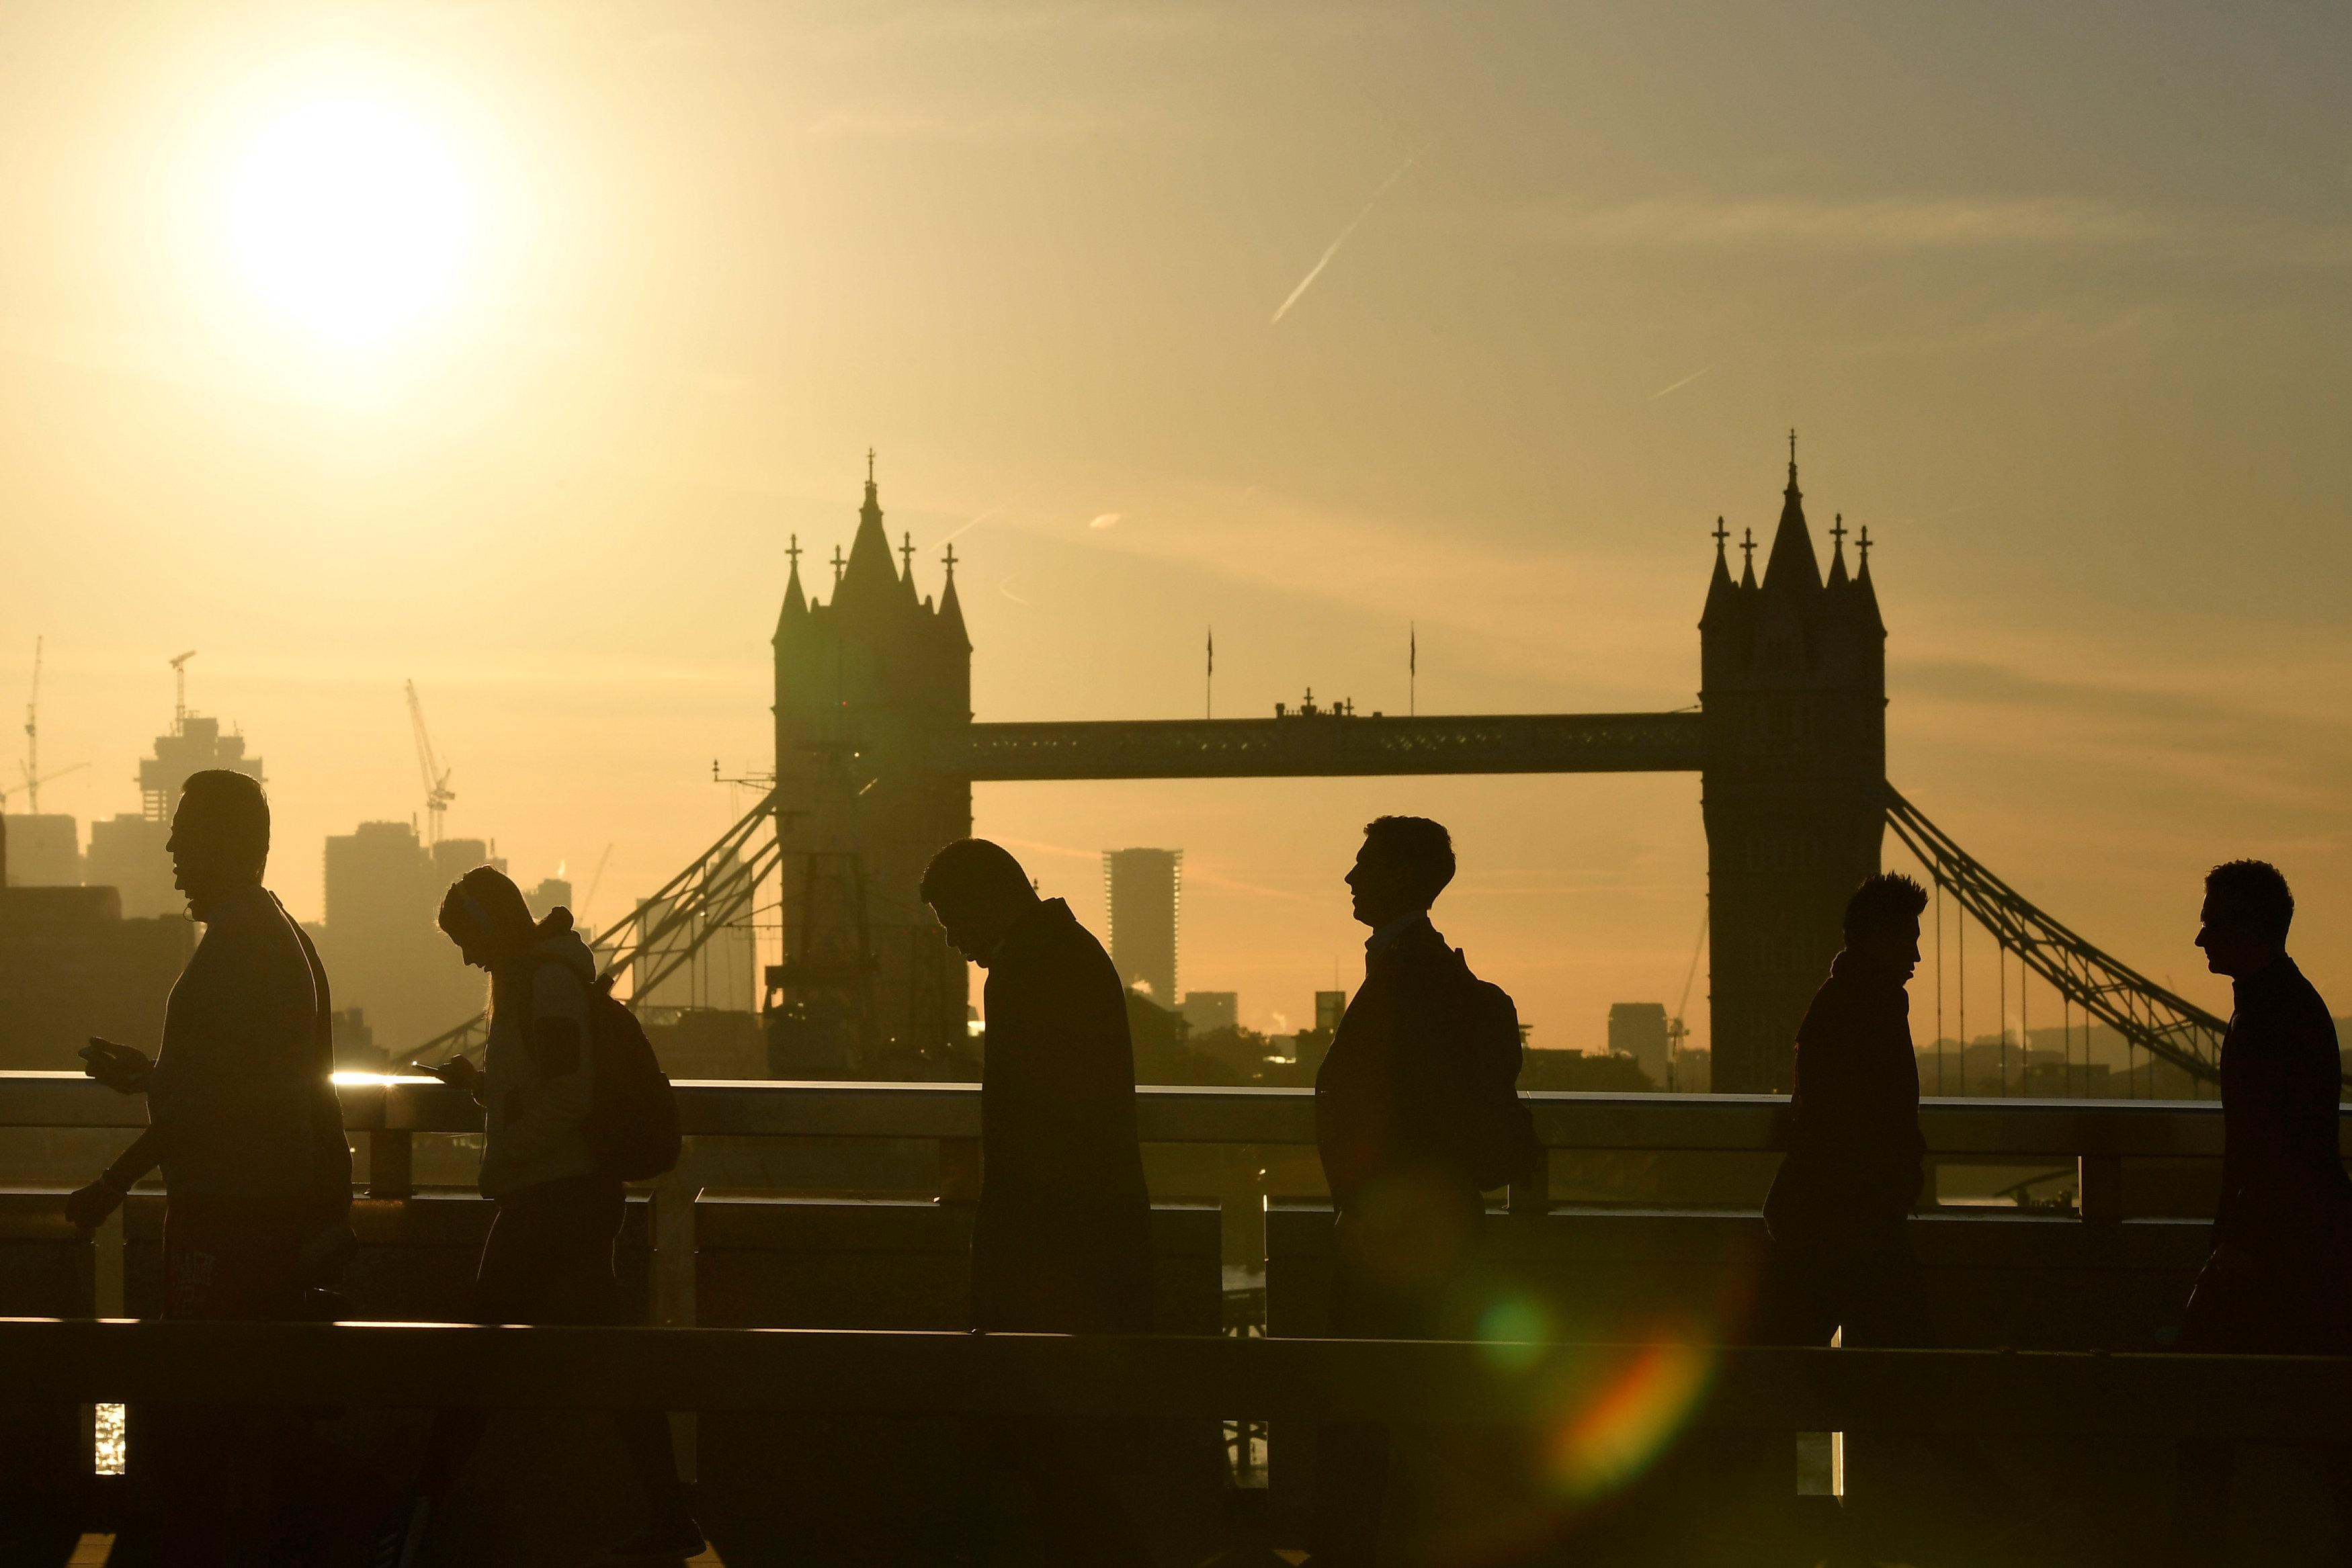 مع شروق الشمس يخرج موظفو بريطانيا إلى اعمالهم